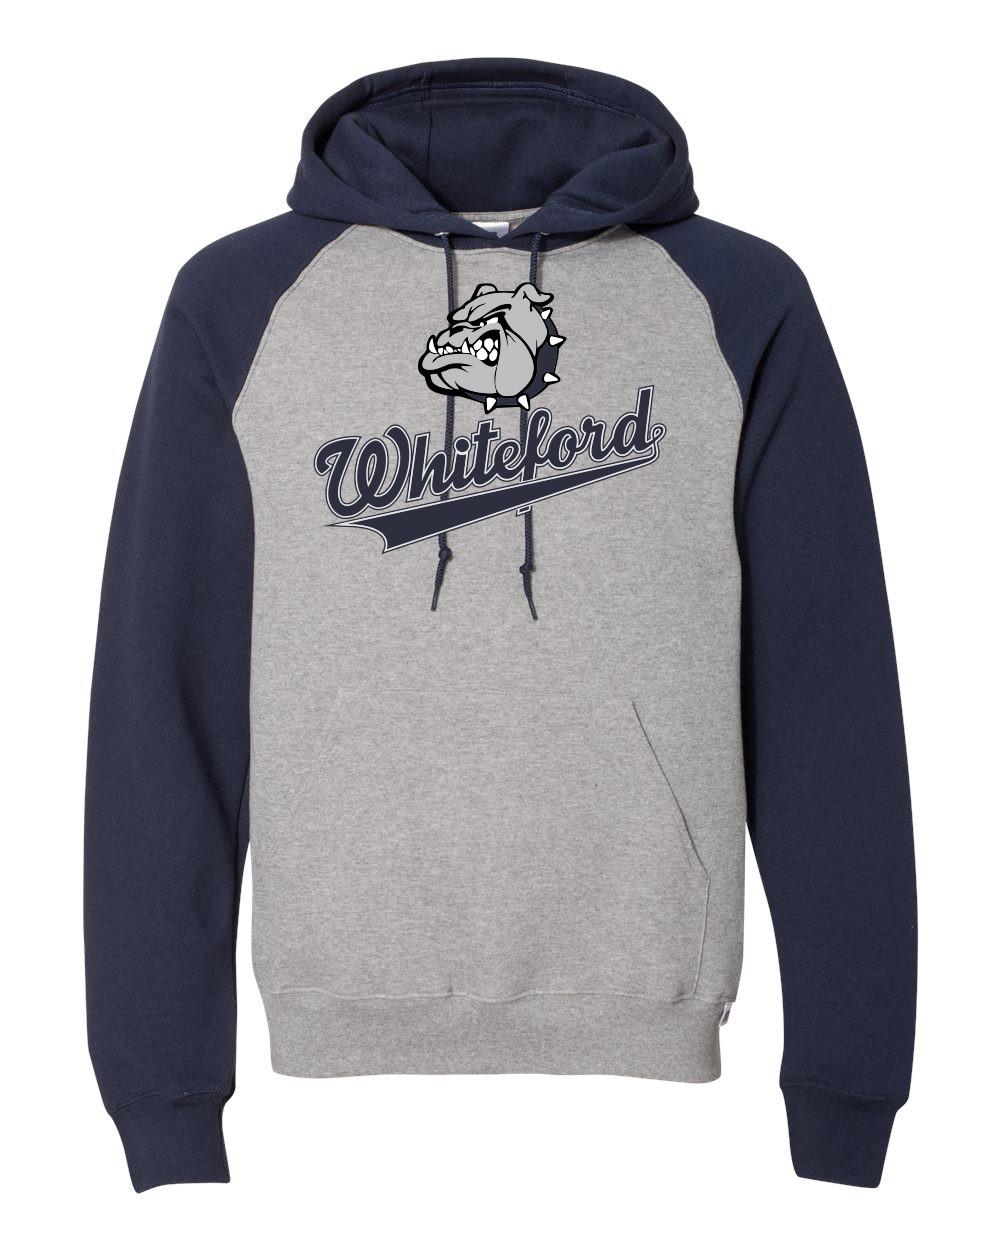 Whiteford Bulldogs Mens Raglan Hoodie